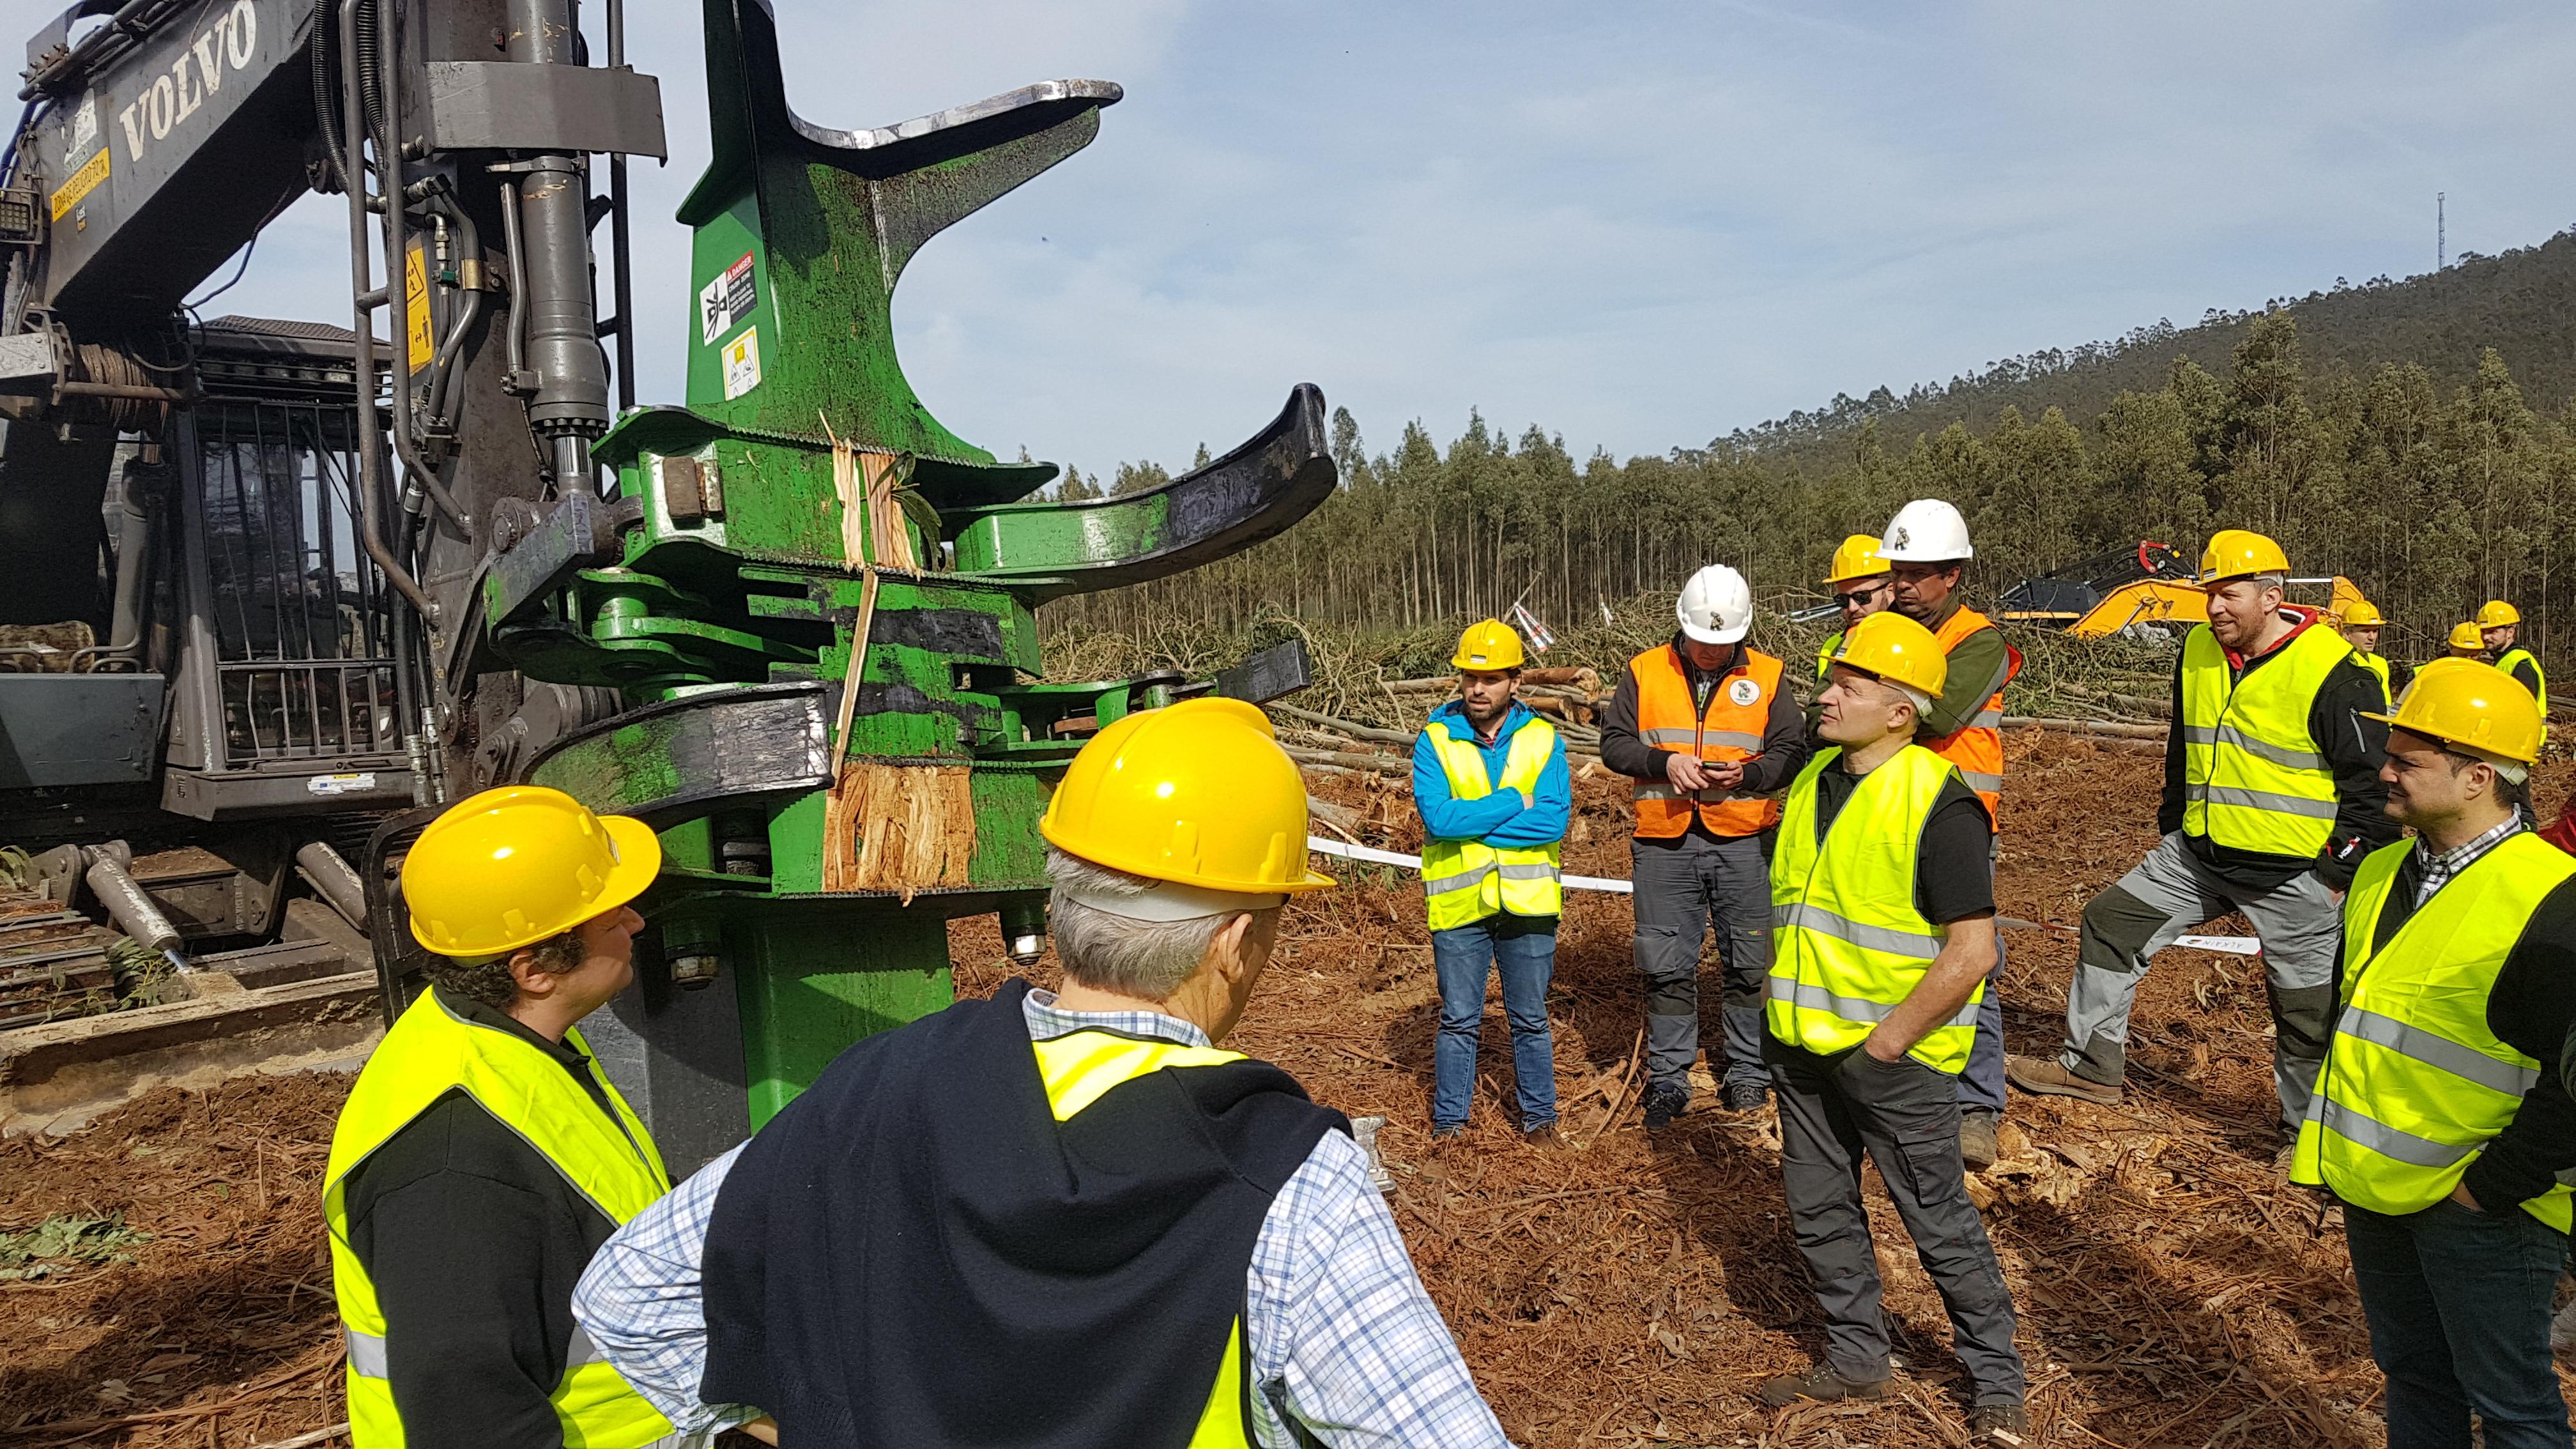 Forest Pioneer Presenta La Nueva Taladora De Cizalla TMF 600, Especial Para Eucalipto Y Made In Galicia